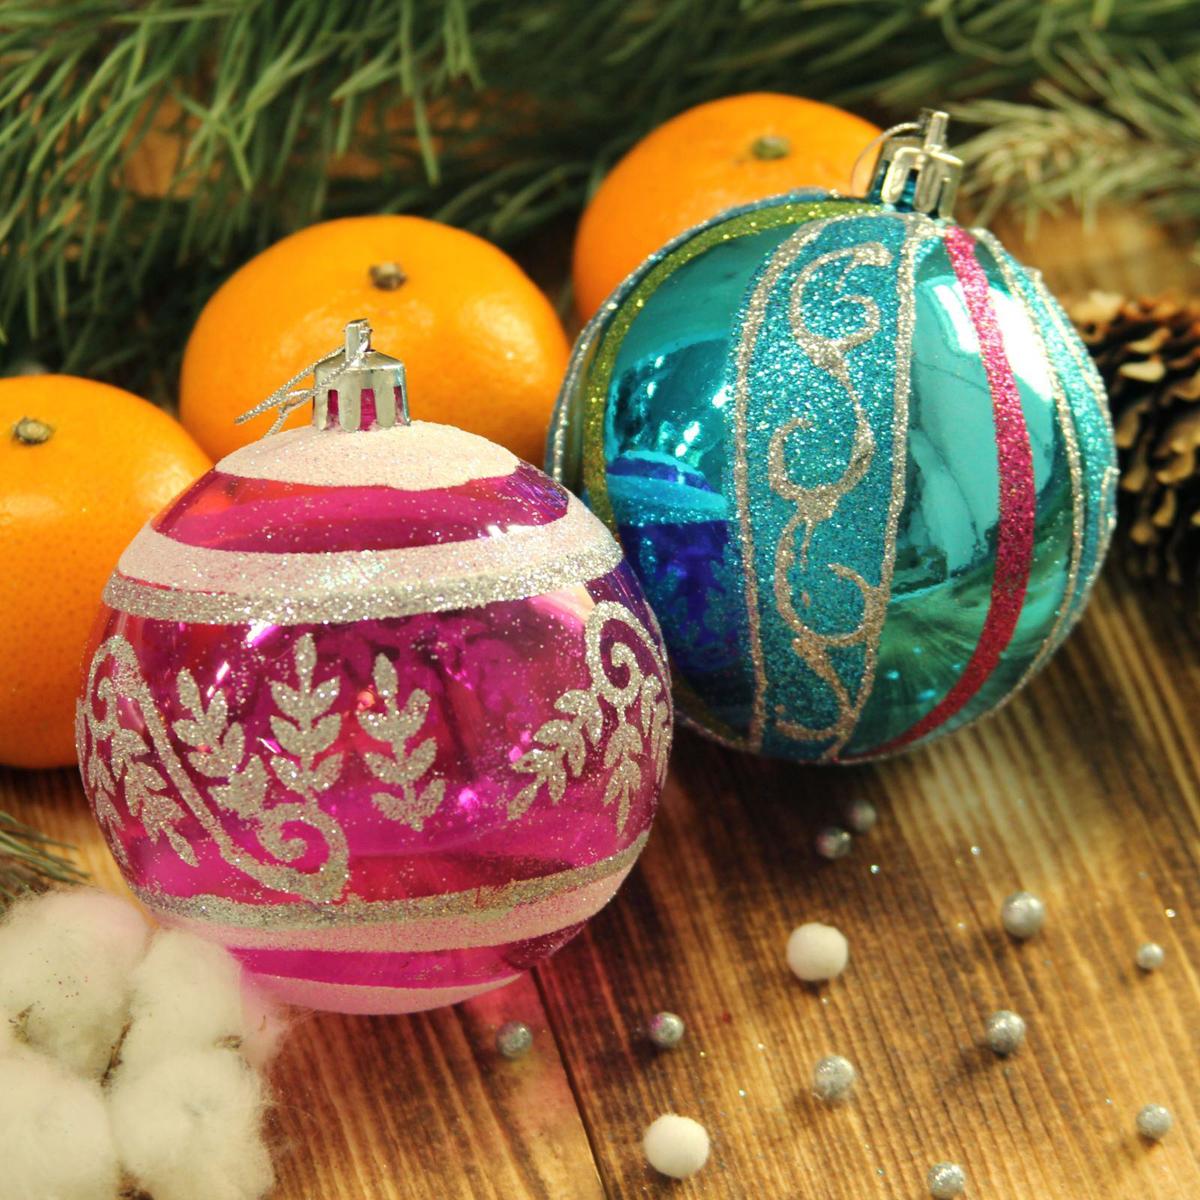 Набор новогодних подвесных украшений Sima-land Улыбка. Веточки, диаметр 8 см, 9 шт2123024Набор новогодних подвесных украшений Sima-land отлично подойдет для декорации вашего дома и новогодней ели. С помощью специальной петельки украшение можно повесить в любом понравившемся вам месте. Но, конечно, удачнее всего оно будет смотреться на праздничной елке. Елочная игрушка - символ Нового года. Она несет в себе волшебство и красоту праздника. Создайте в своем доме атмосферу веселья и радости, украшая новогоднюю елку нарядными игрушками, которые будут из года в год накапливать теплоту воспоминаний.